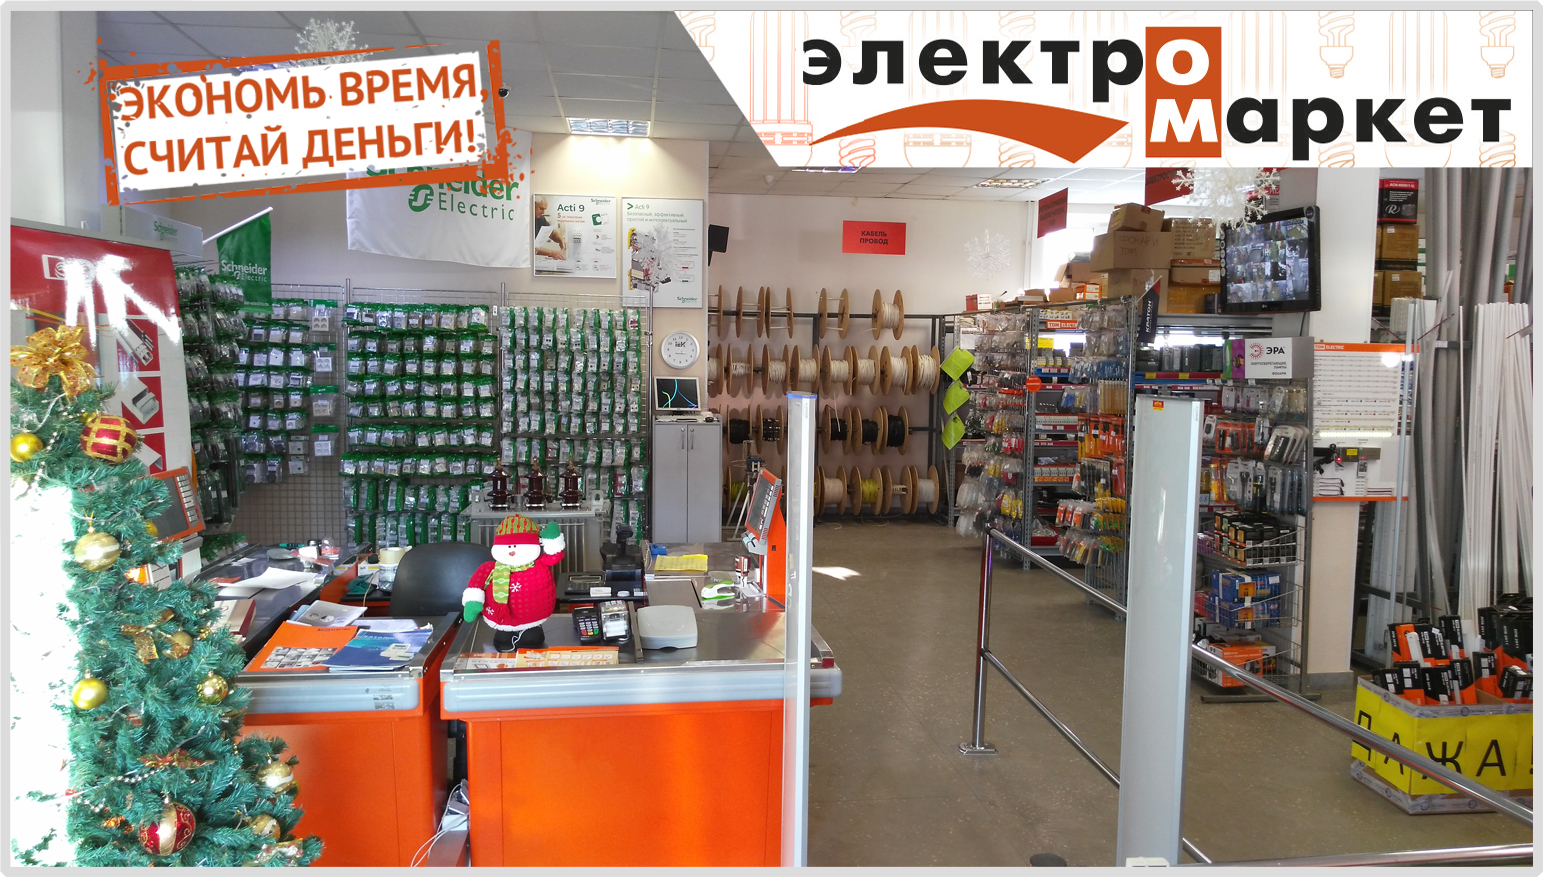 магазин электромаркет